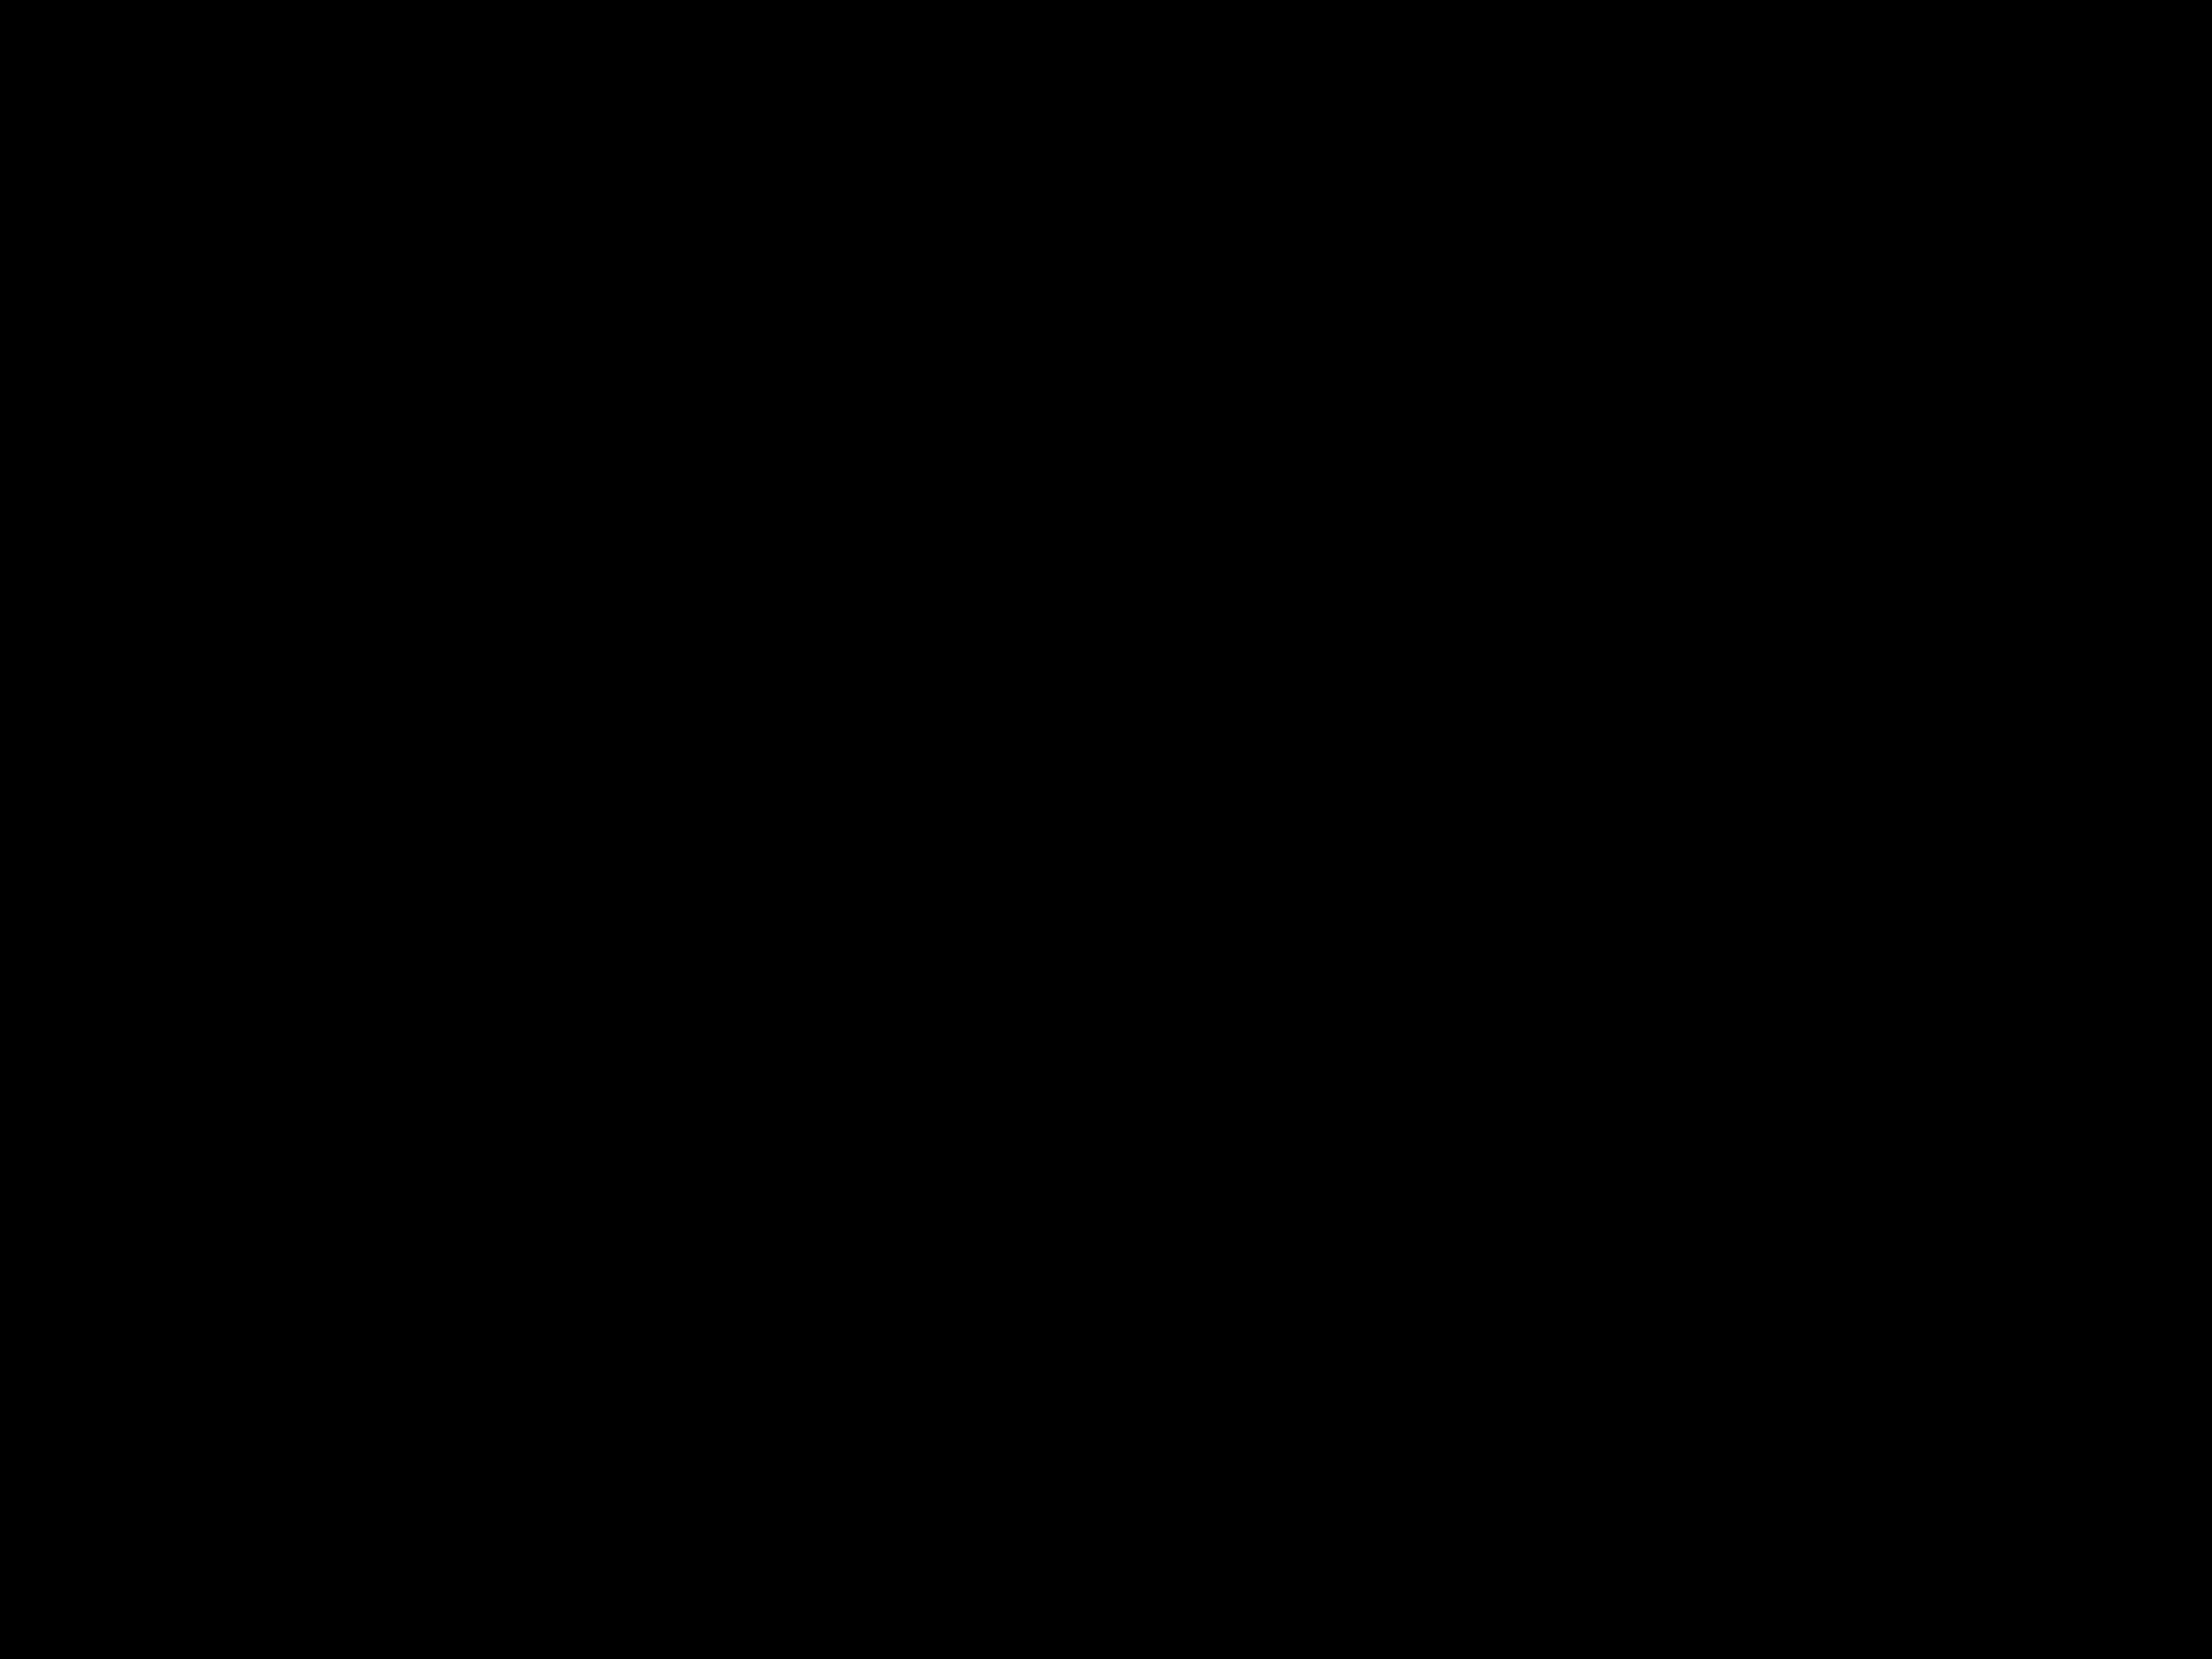 samen-oplopen-kanban-1